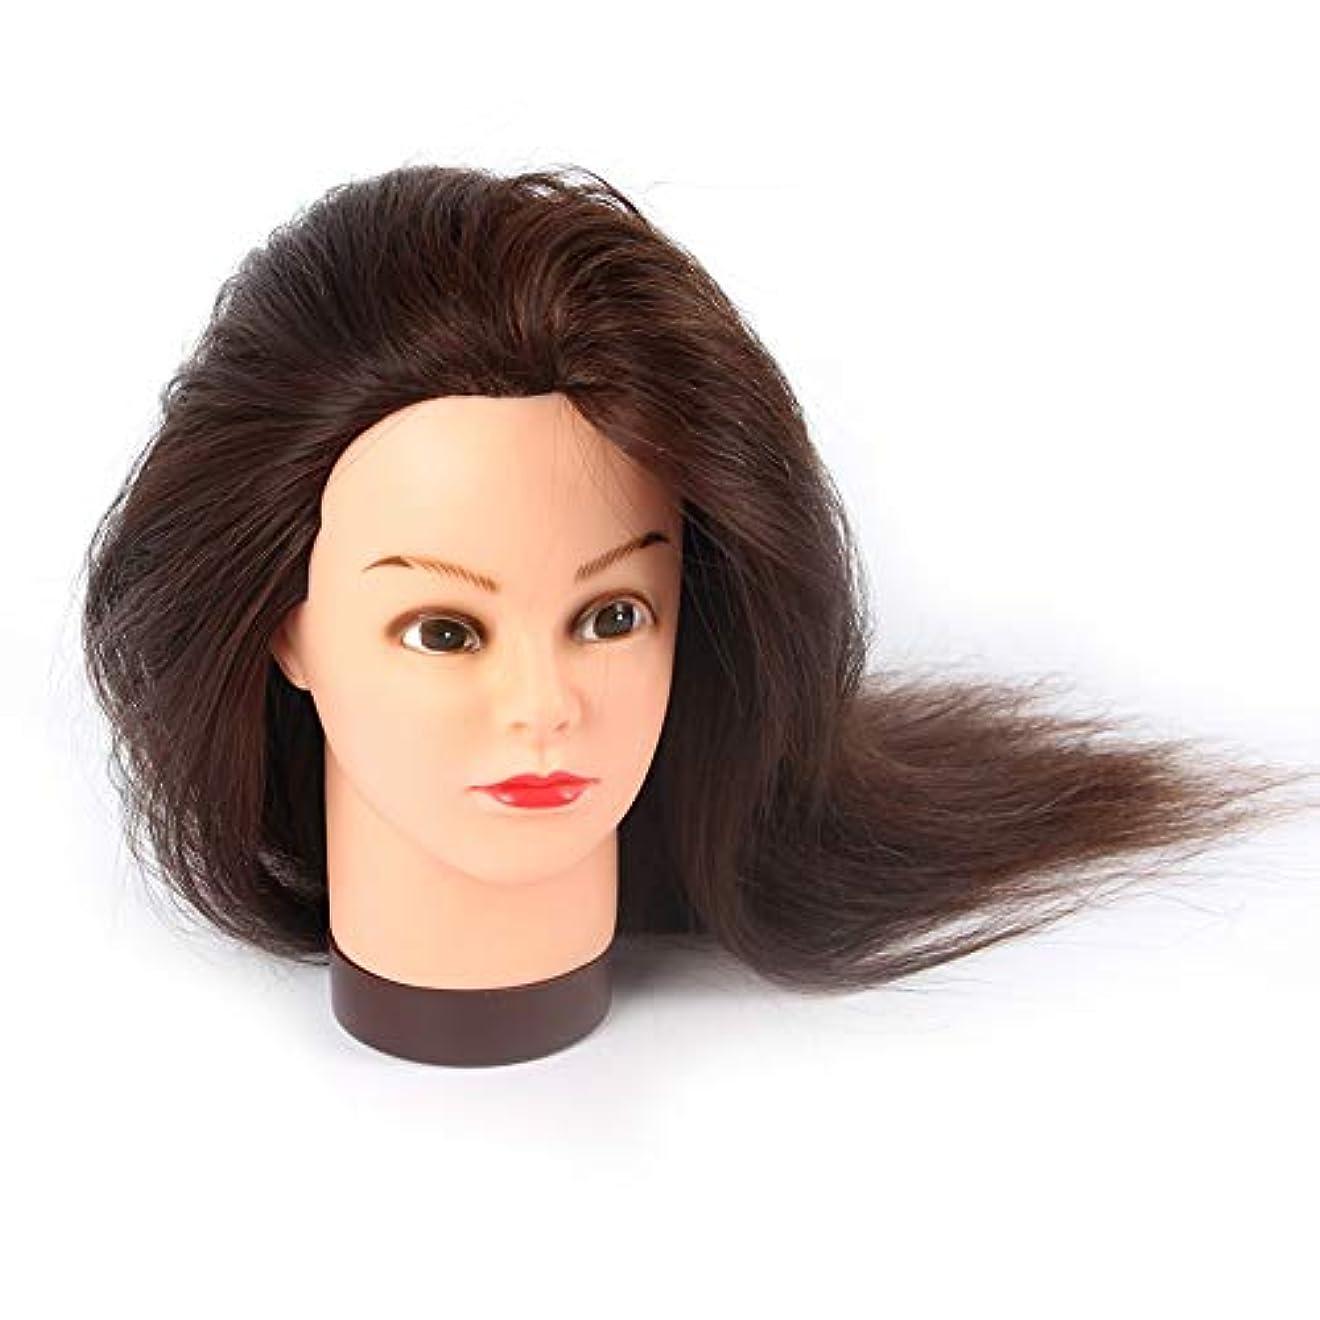 地域誇りに思うアパート花嫁メイクモデリング教育ヘッド本物の人物ヘアダミーヘッドモデル理髪店学習パーマ髪染めモデルヘッド